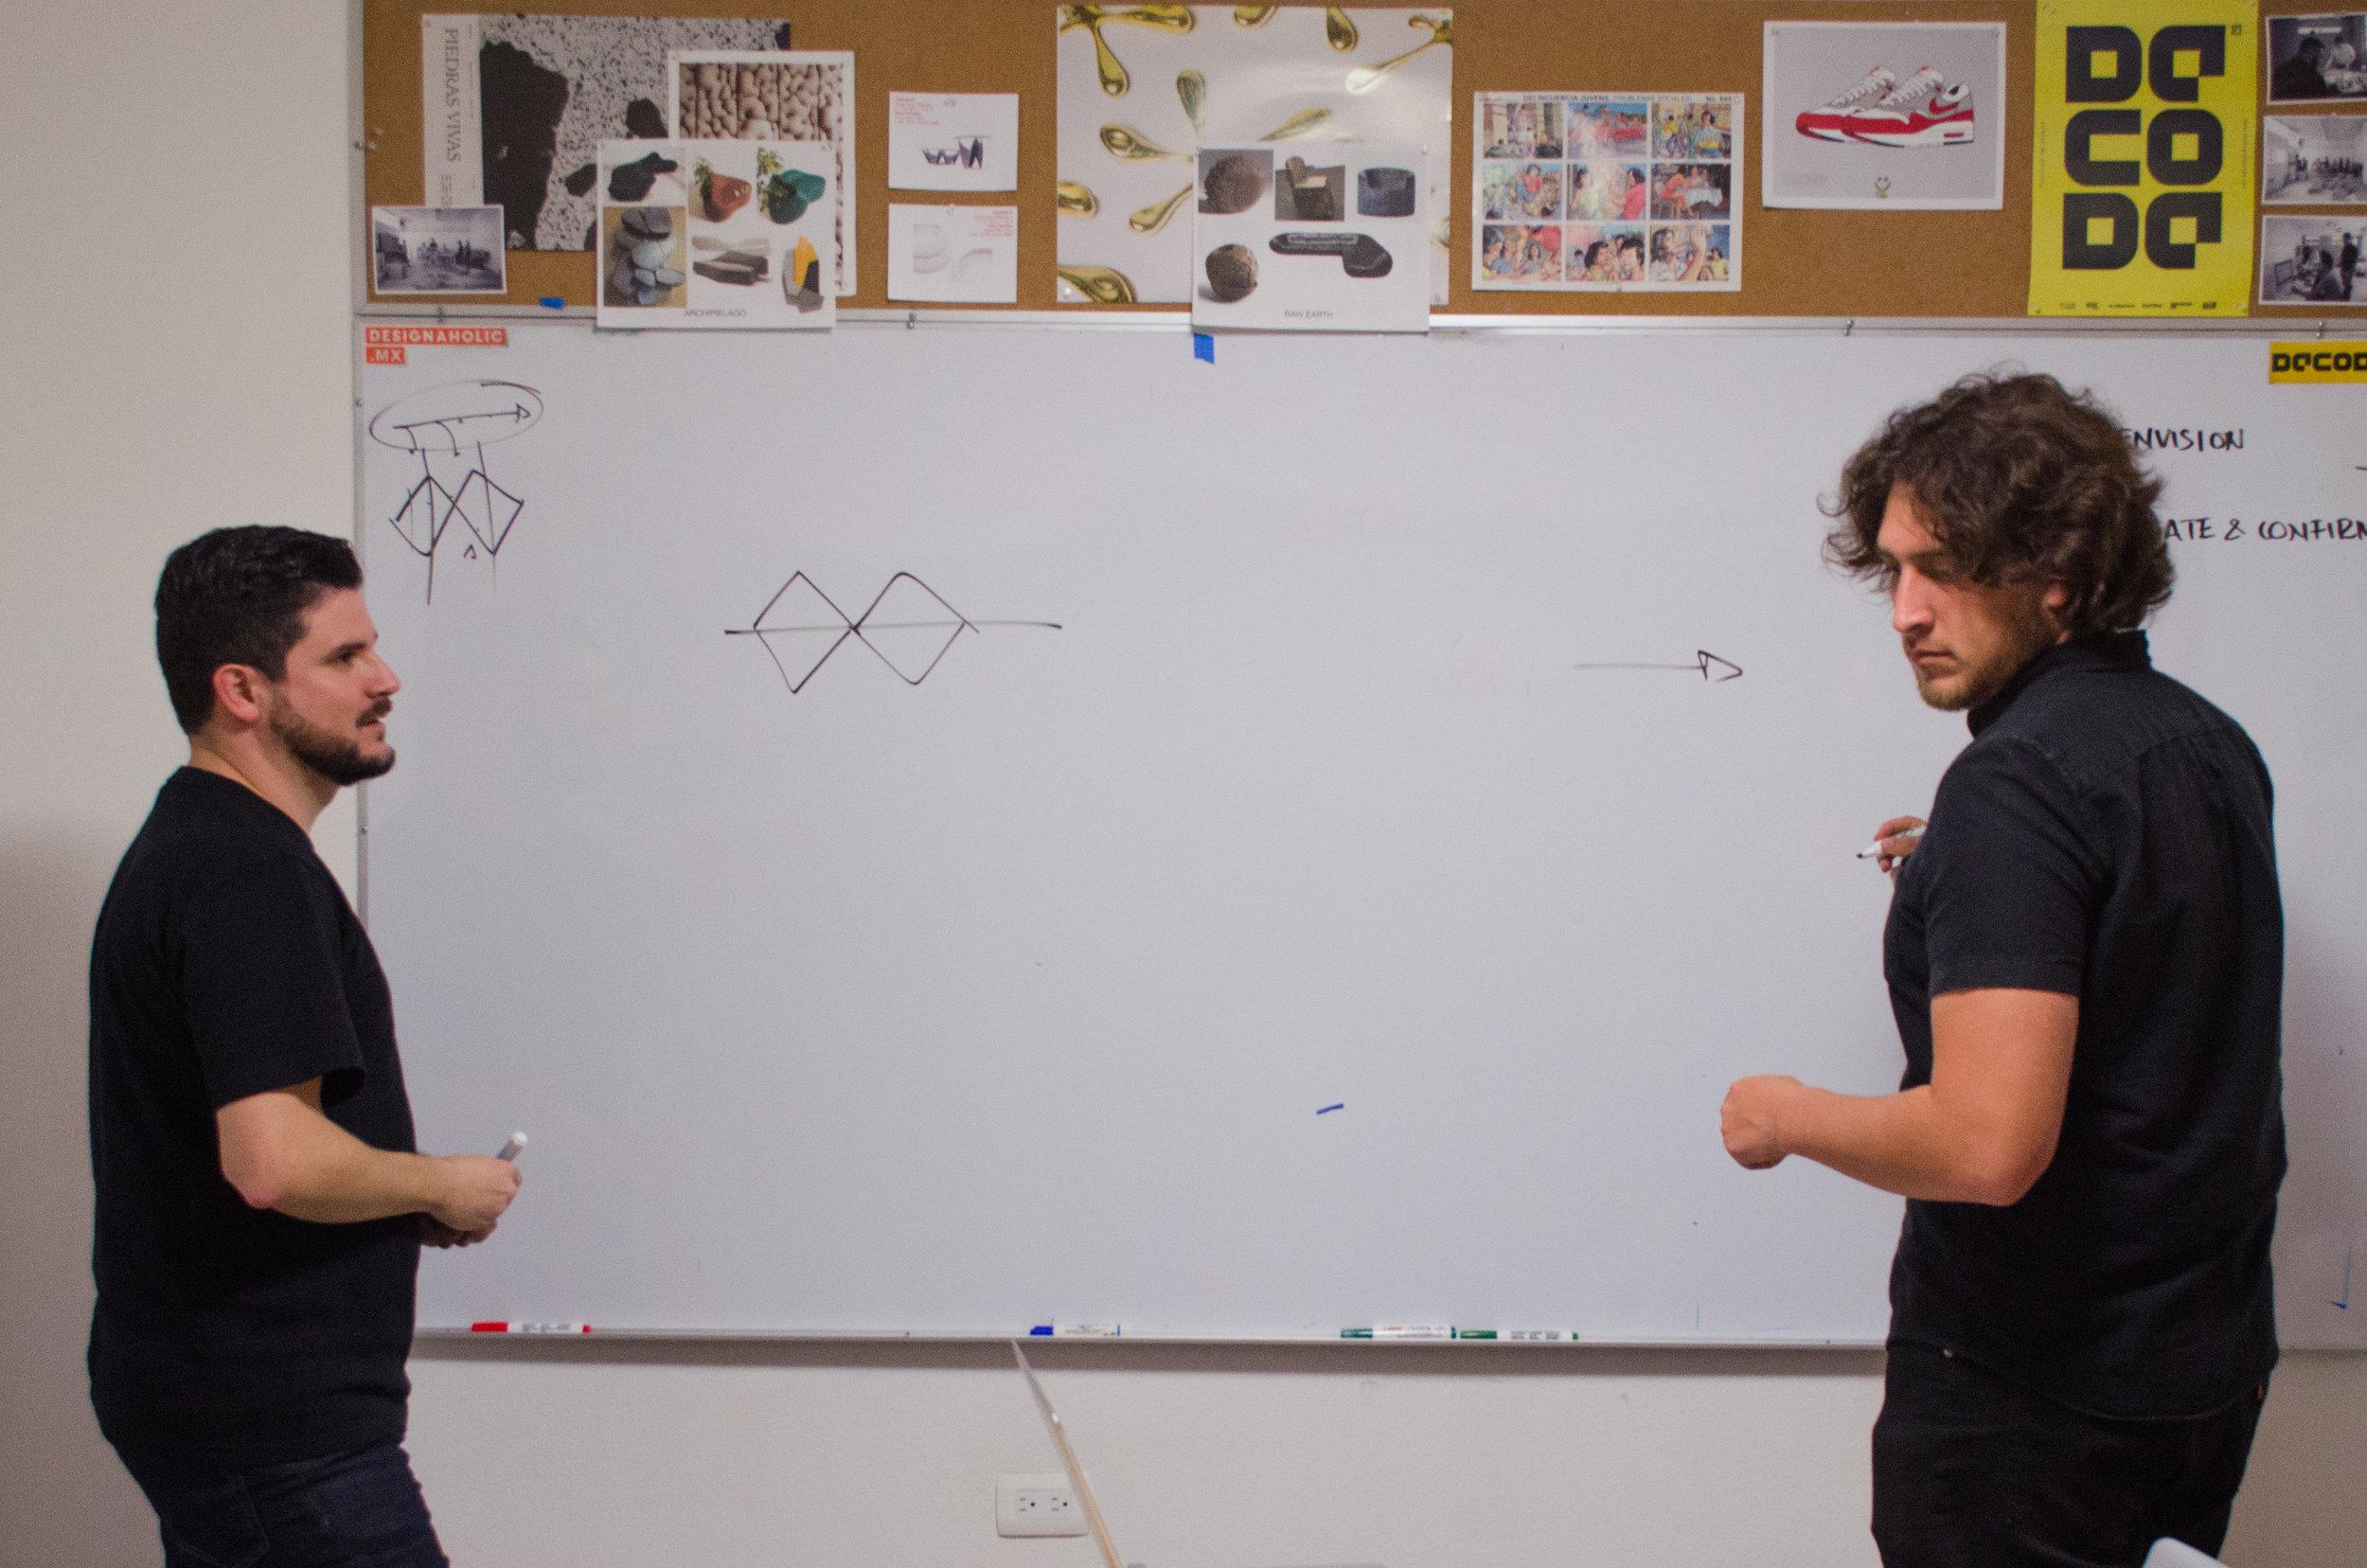 jorge-diego-etienne-workshop-pedro-arturo-5.jpg